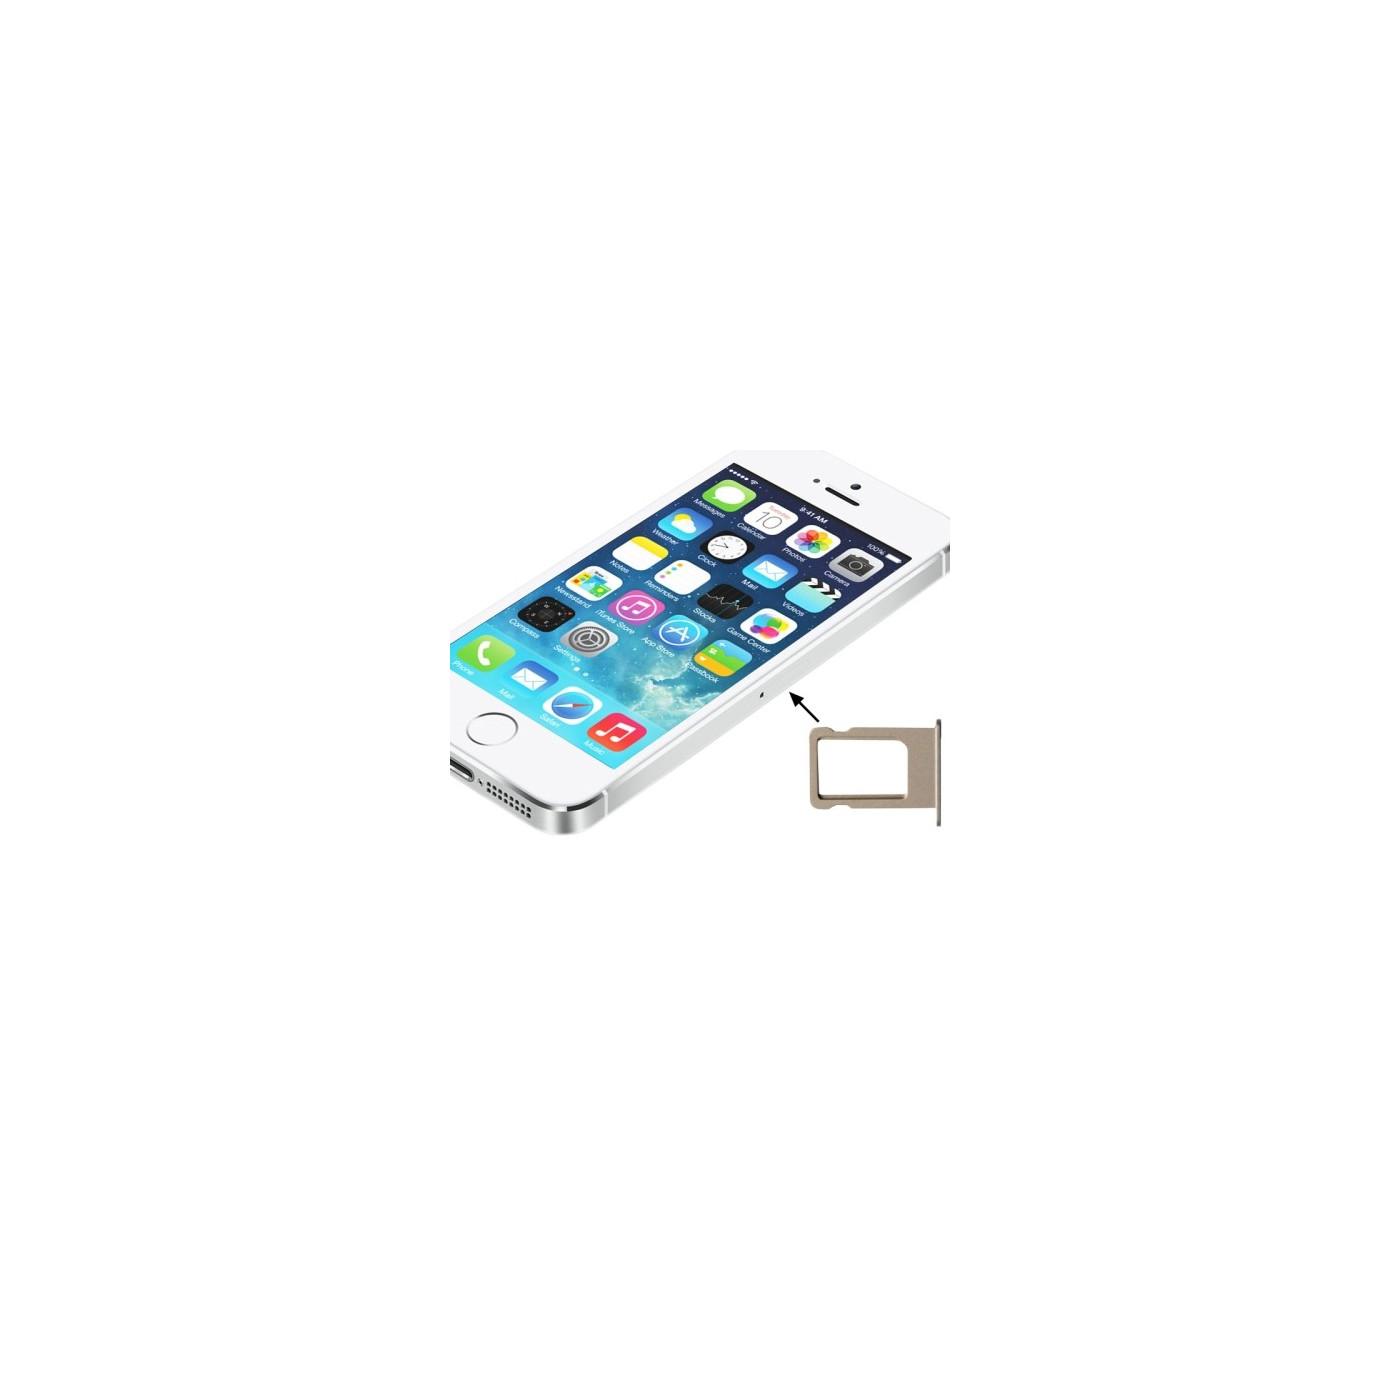 Soporte para tarjeta SIM iphone 5s ranuras doradas deslice el reemplazo de la bandeja del carro